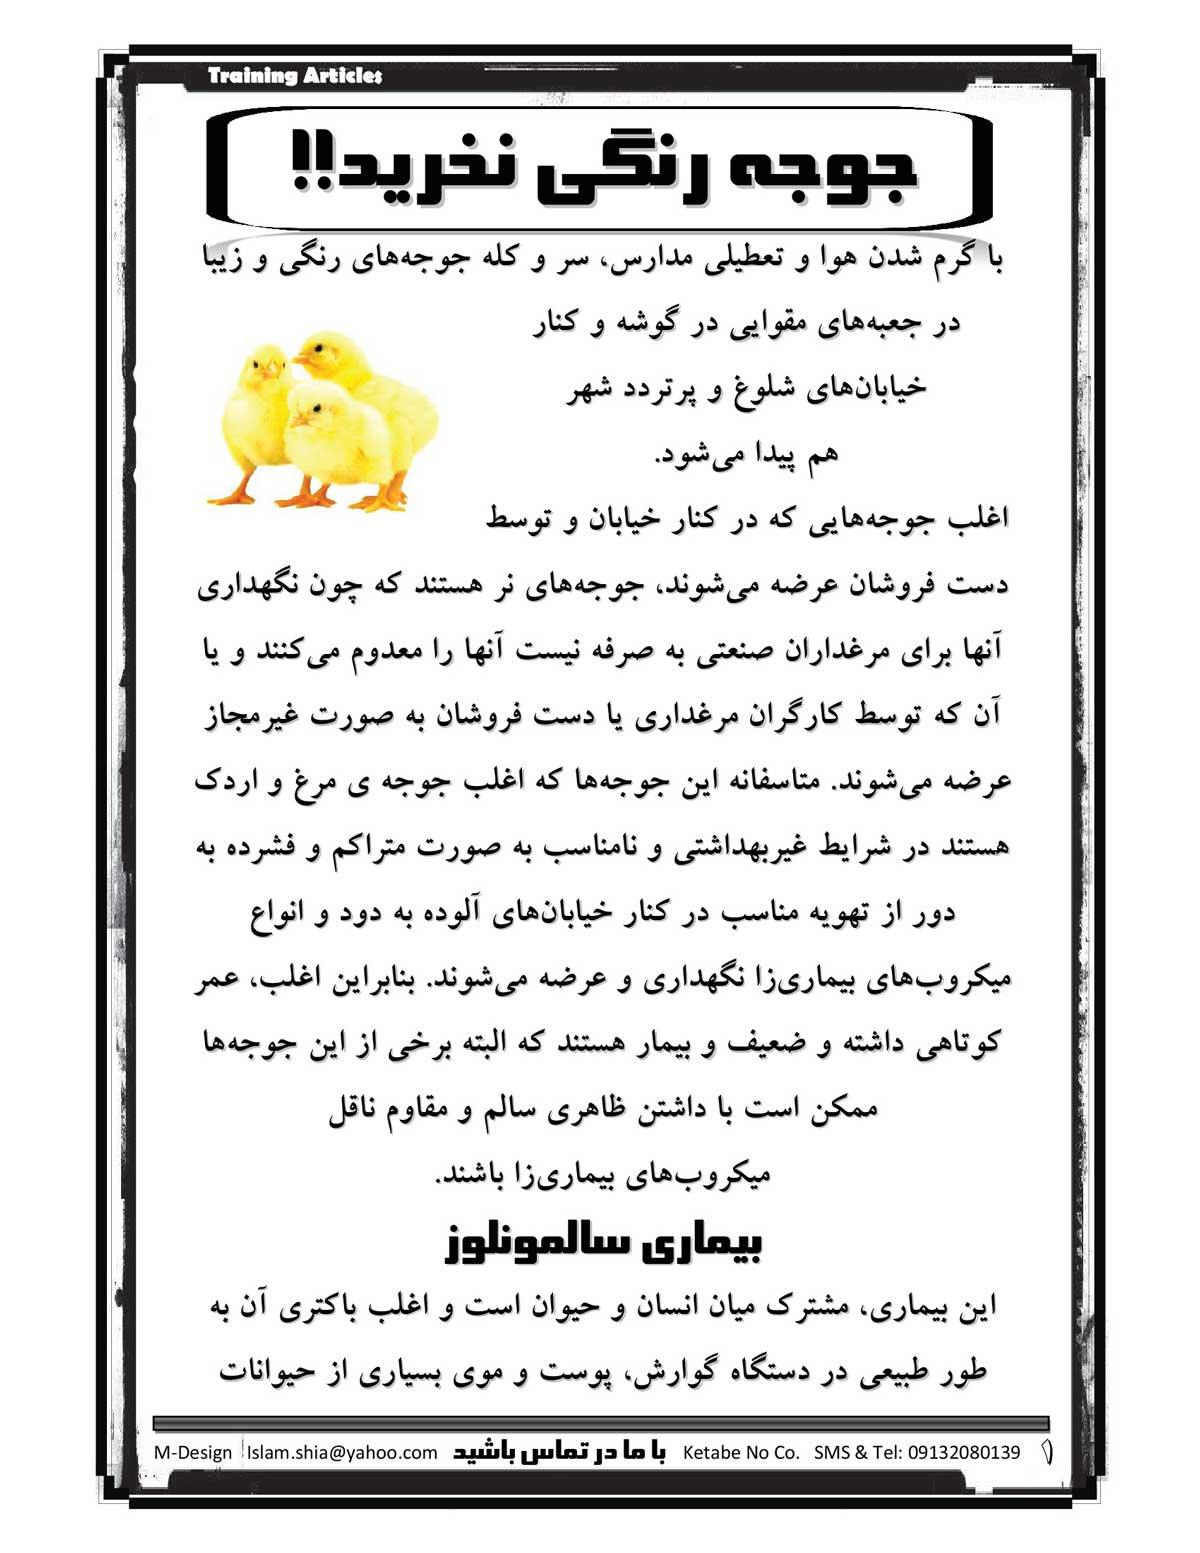 مطالب آموزنده بردهای فرهنگی مسعود مردیها